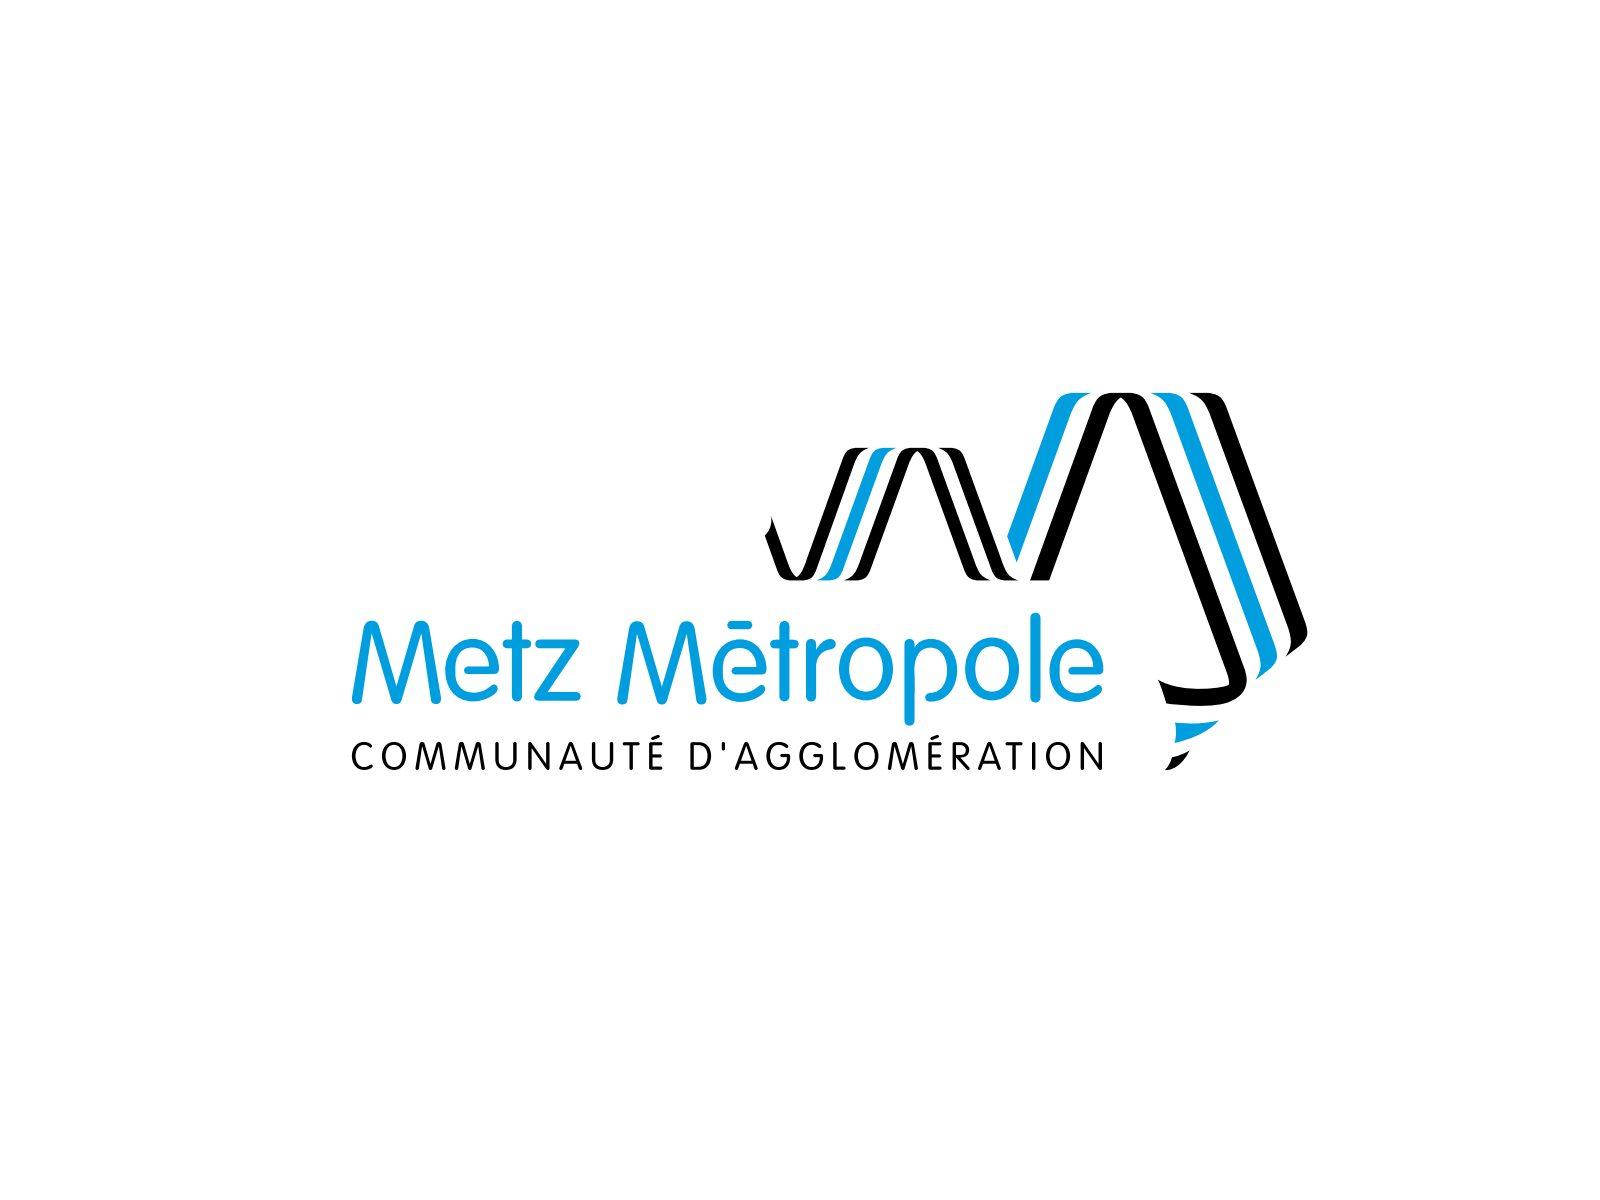 Démarchage en porte à porte : attention aux faux agents de Metz Métropole